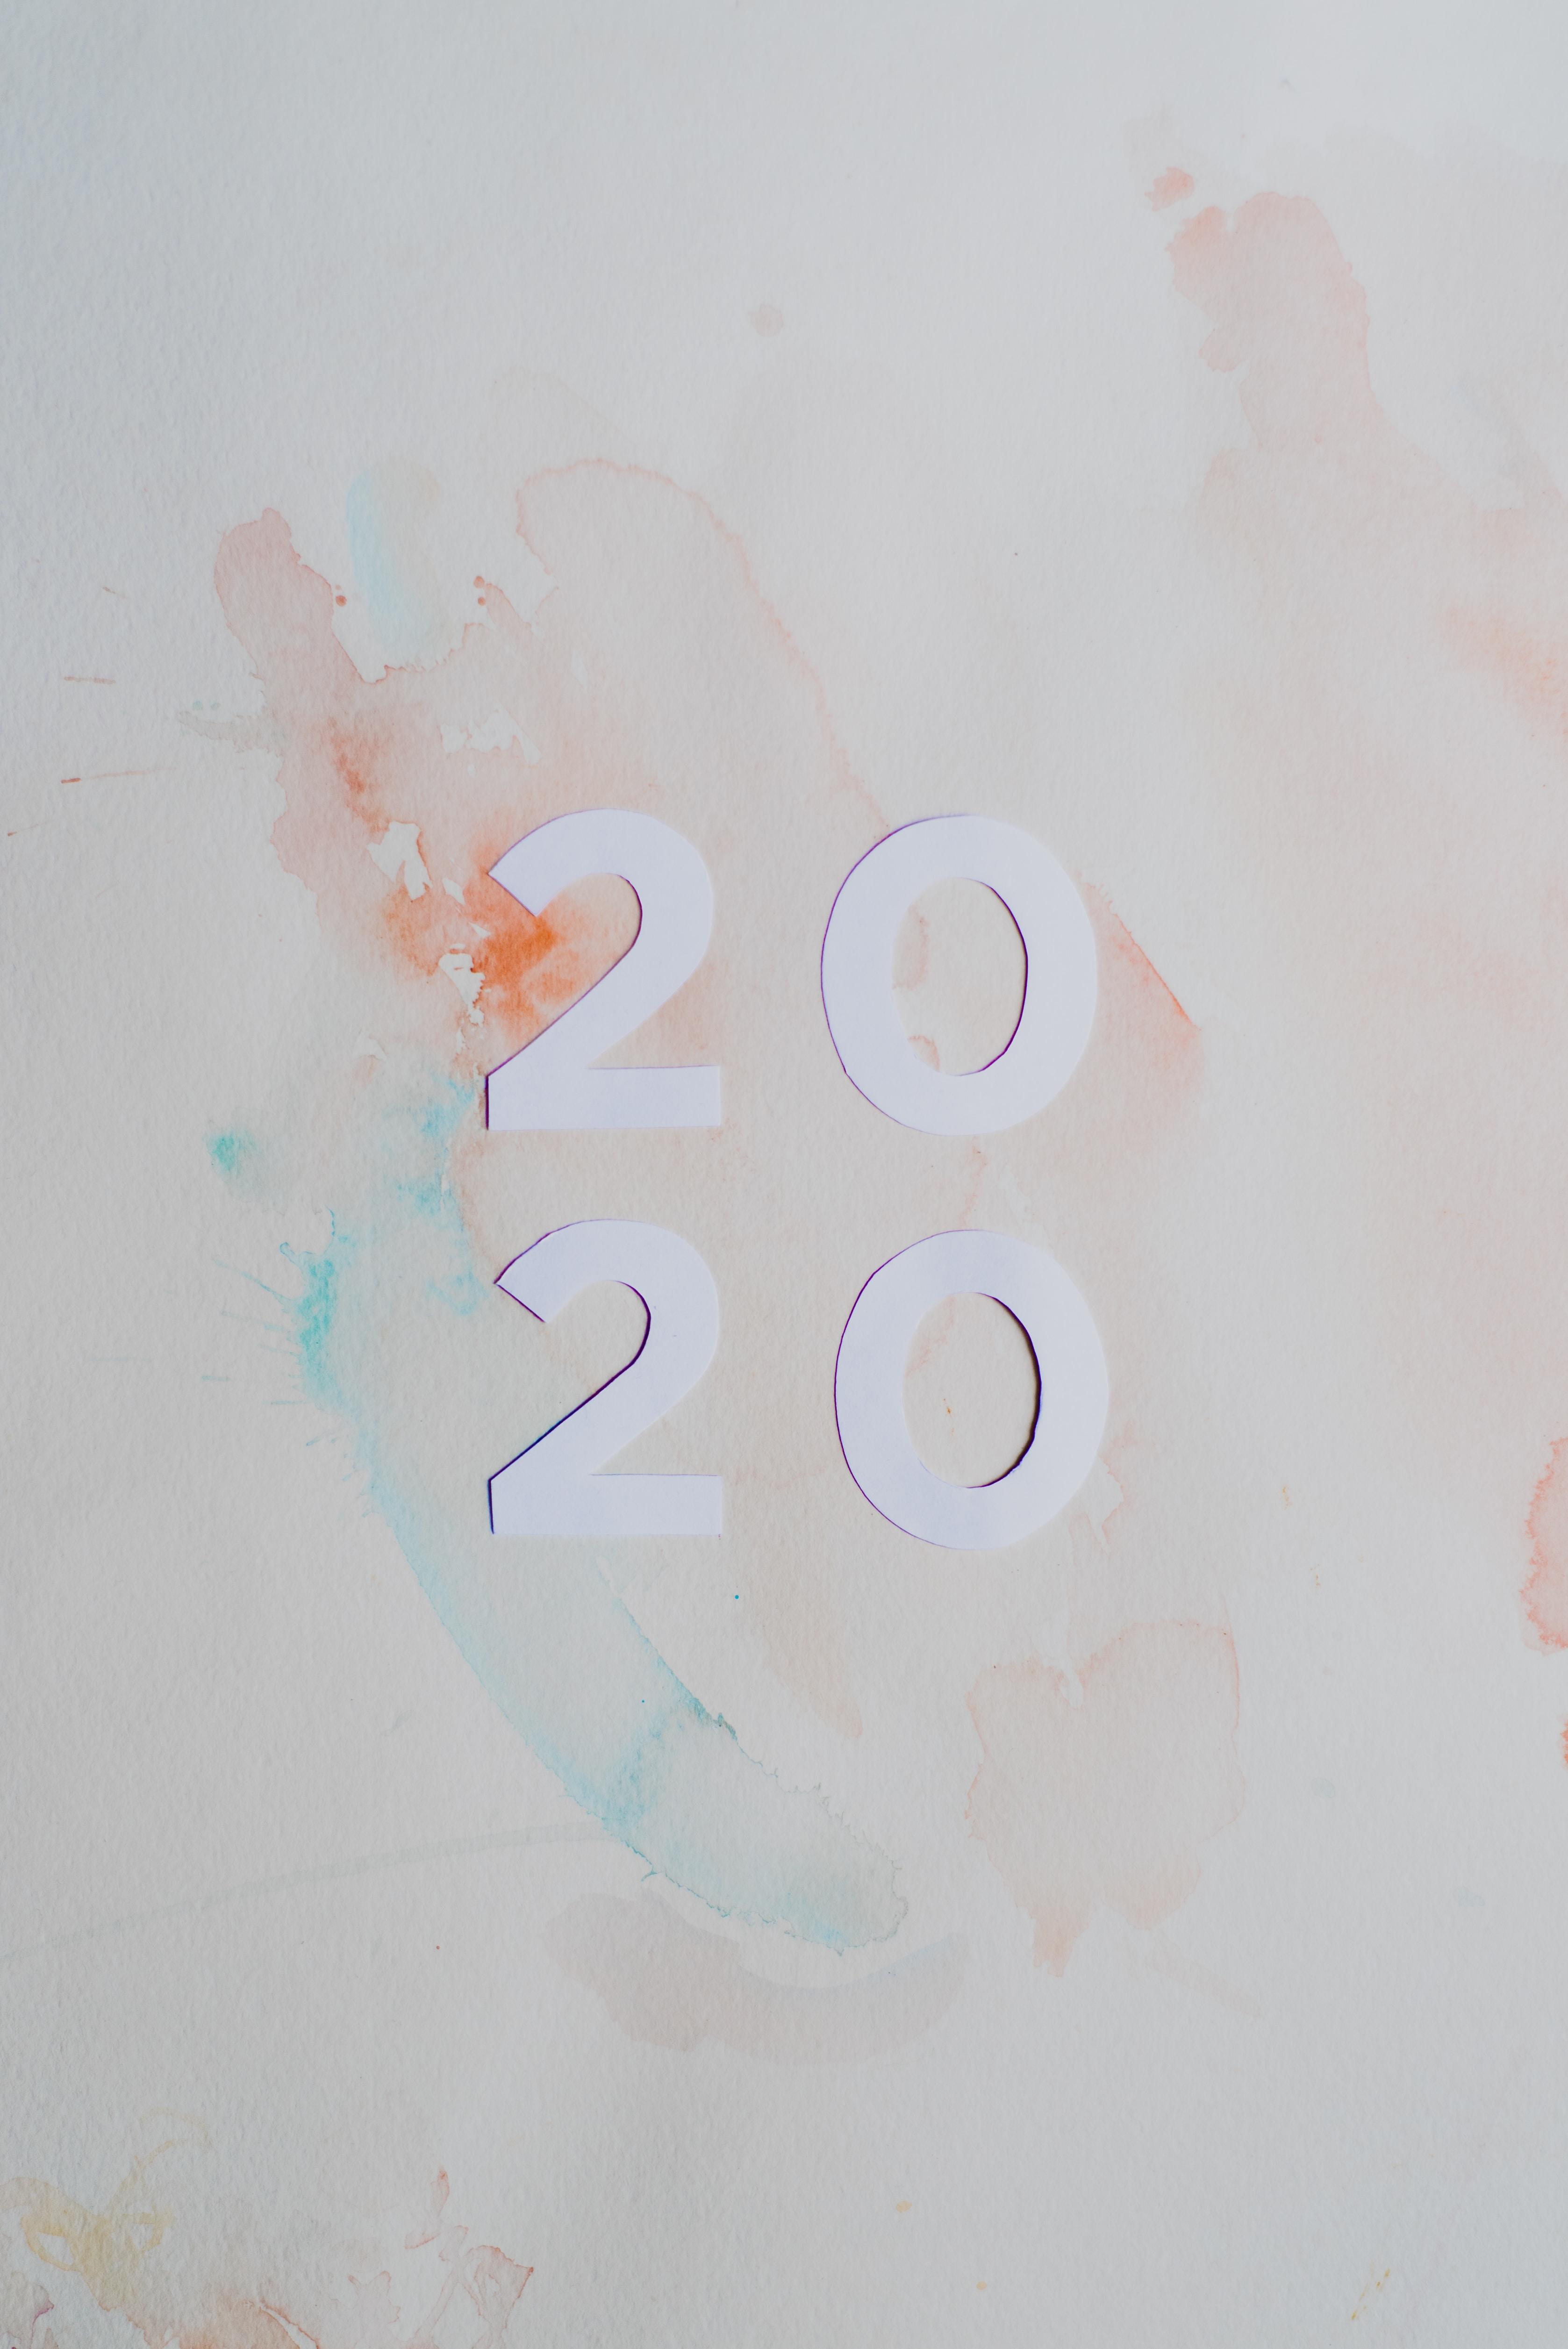 58503壁紙のダウンロード祝日, 2020, 新年, 数字, 番号, 汚れ, ぼつぼつ, 離婚-スクリーンセーバーと写真を無料で